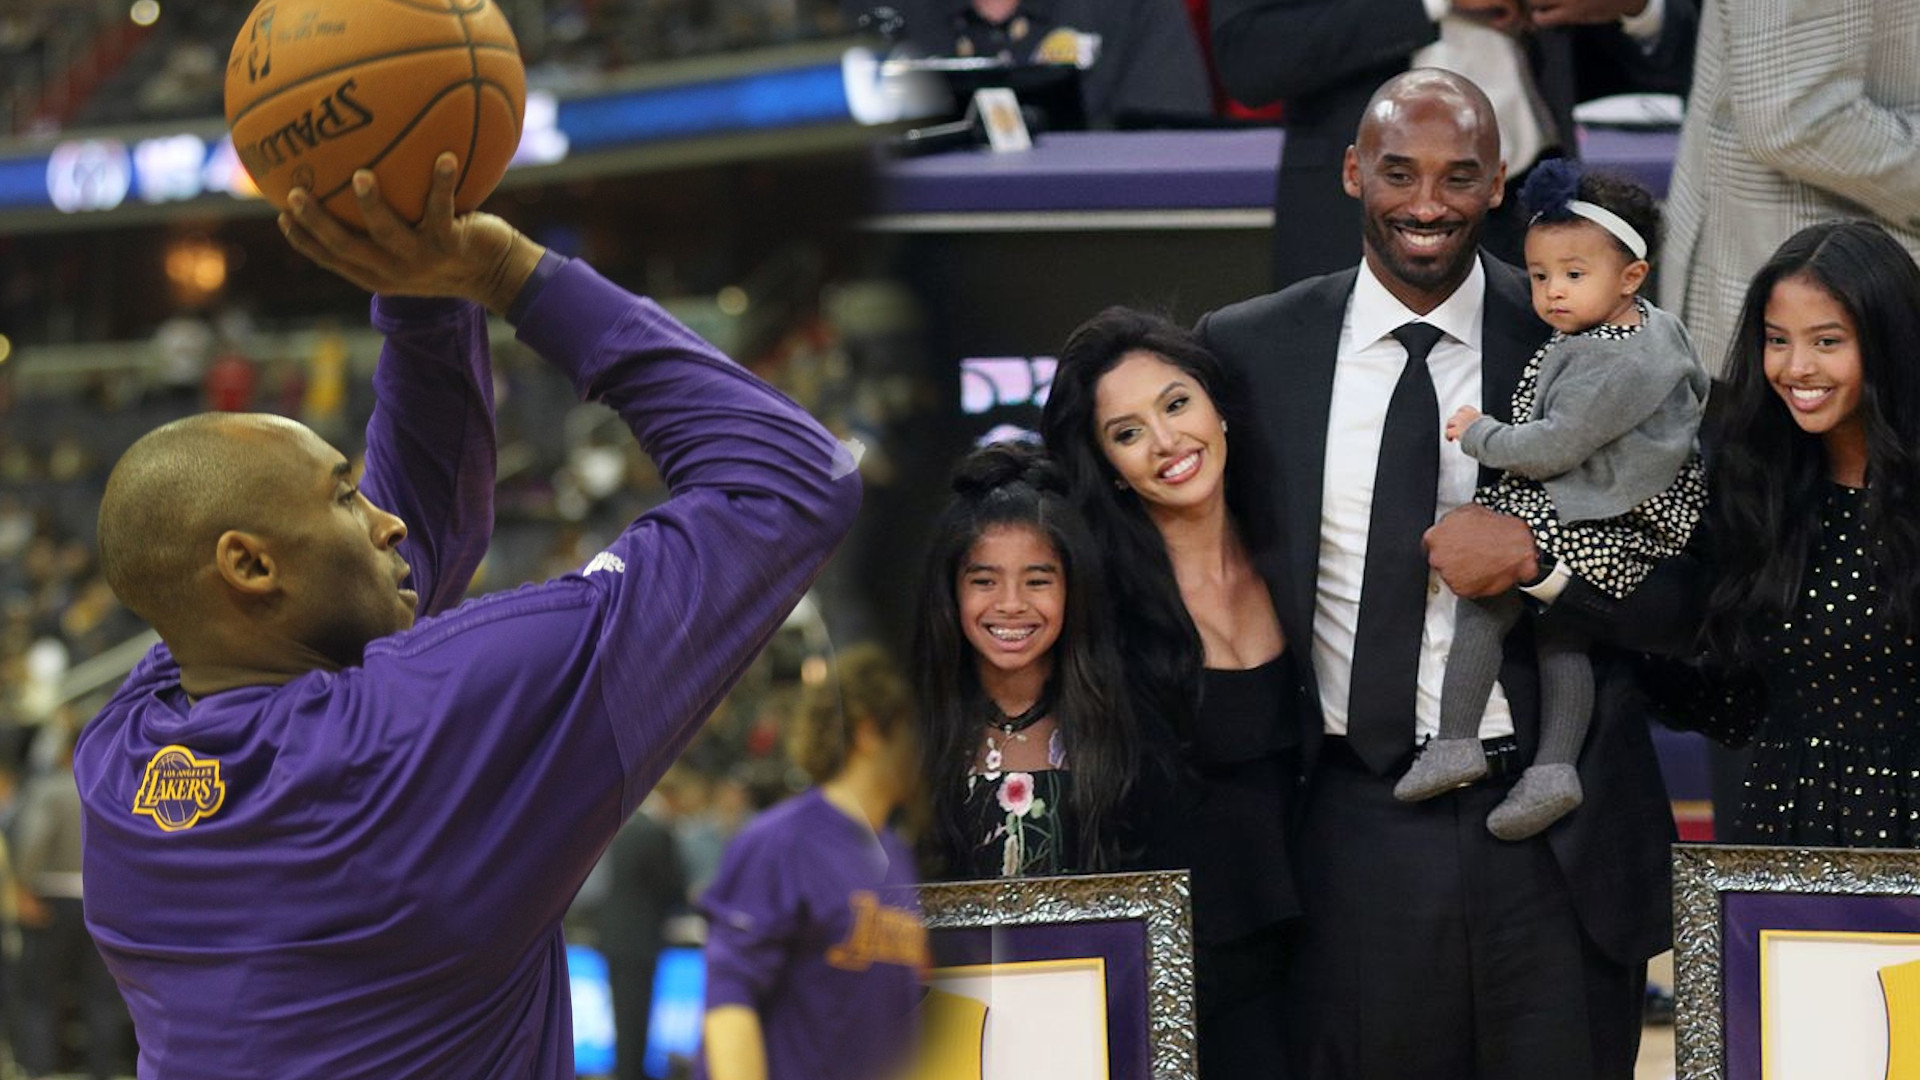 Szczegóły POGRZEBU Kobego Bryanta. To wyjątkowa data